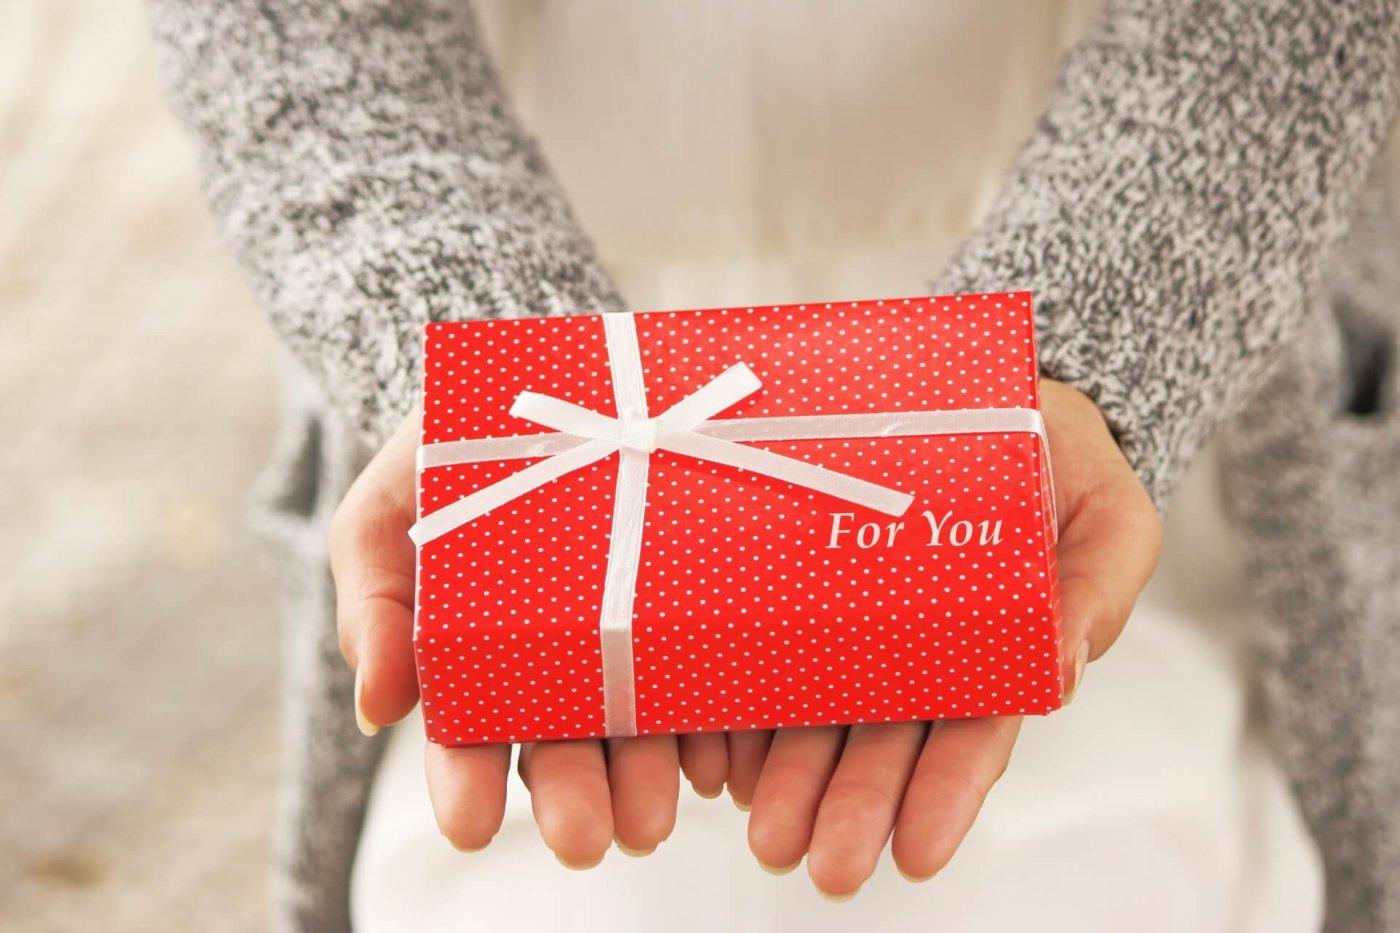 【忘年会】プレゼント交換で1000円以内で買えるもの